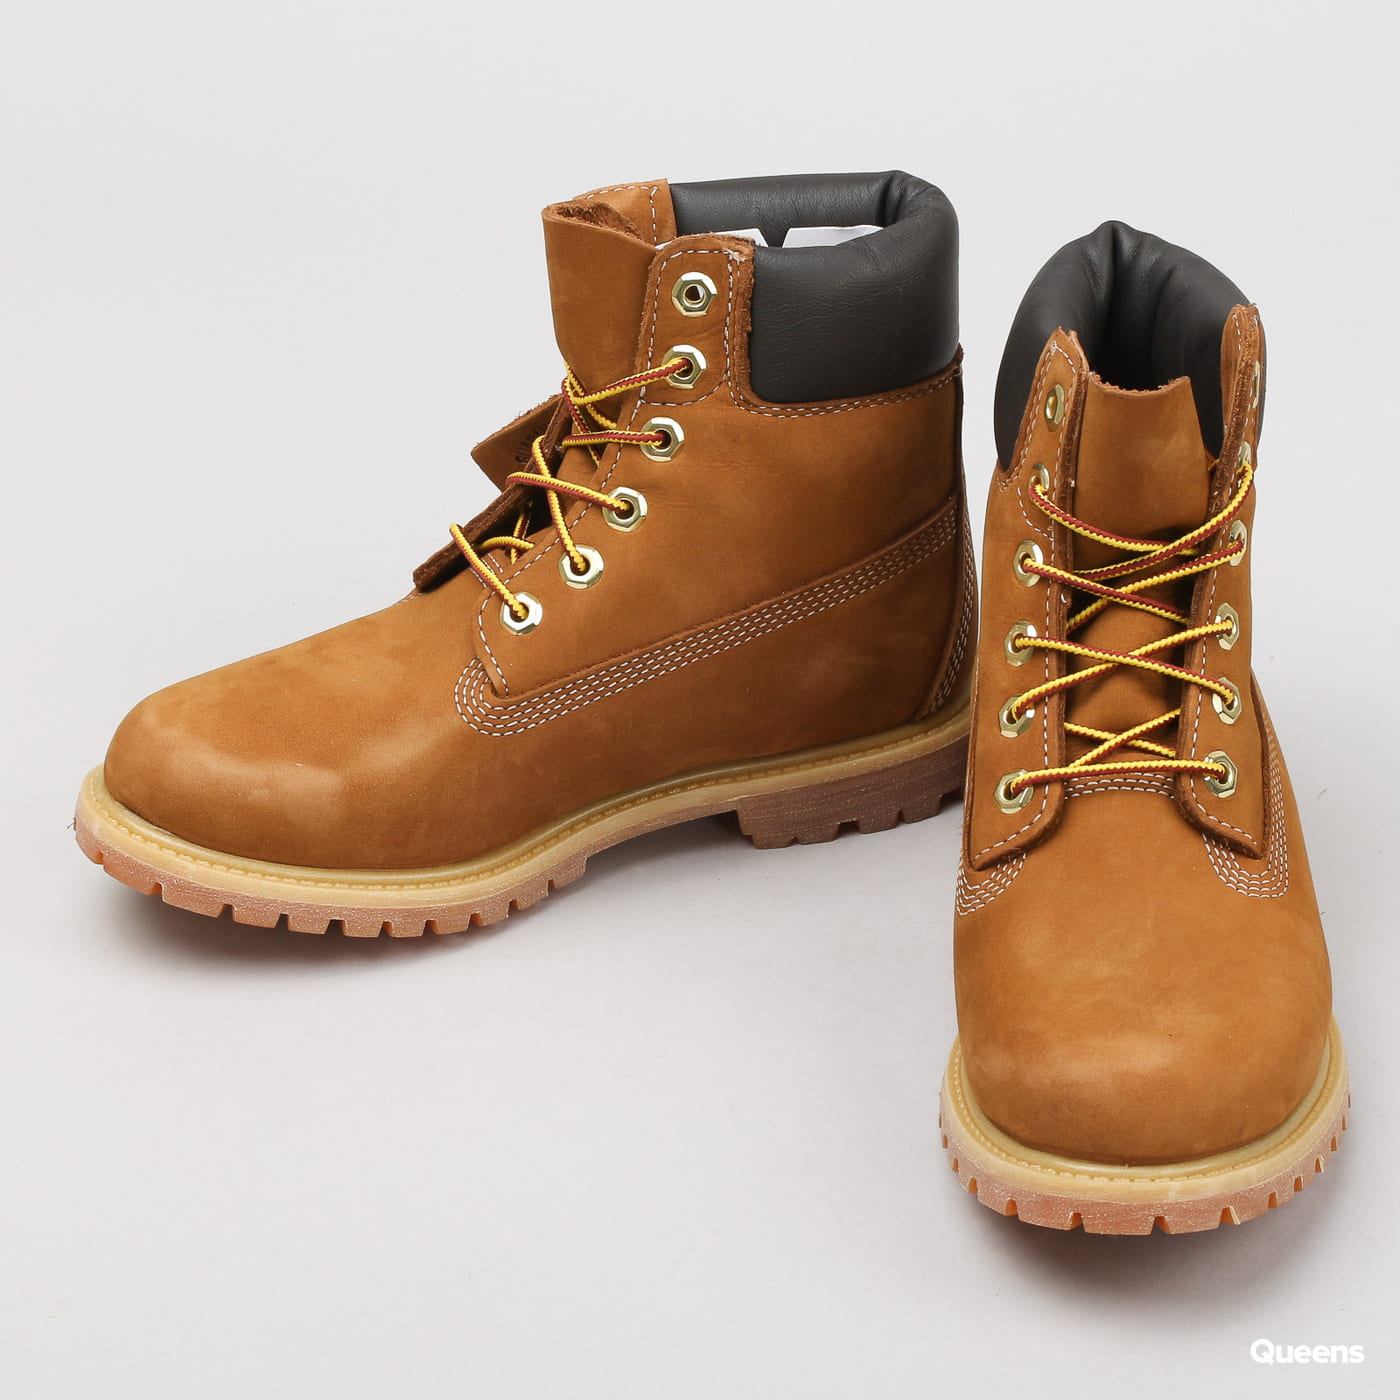 Timberland 6 In Premium Boot - W rust waterbuck